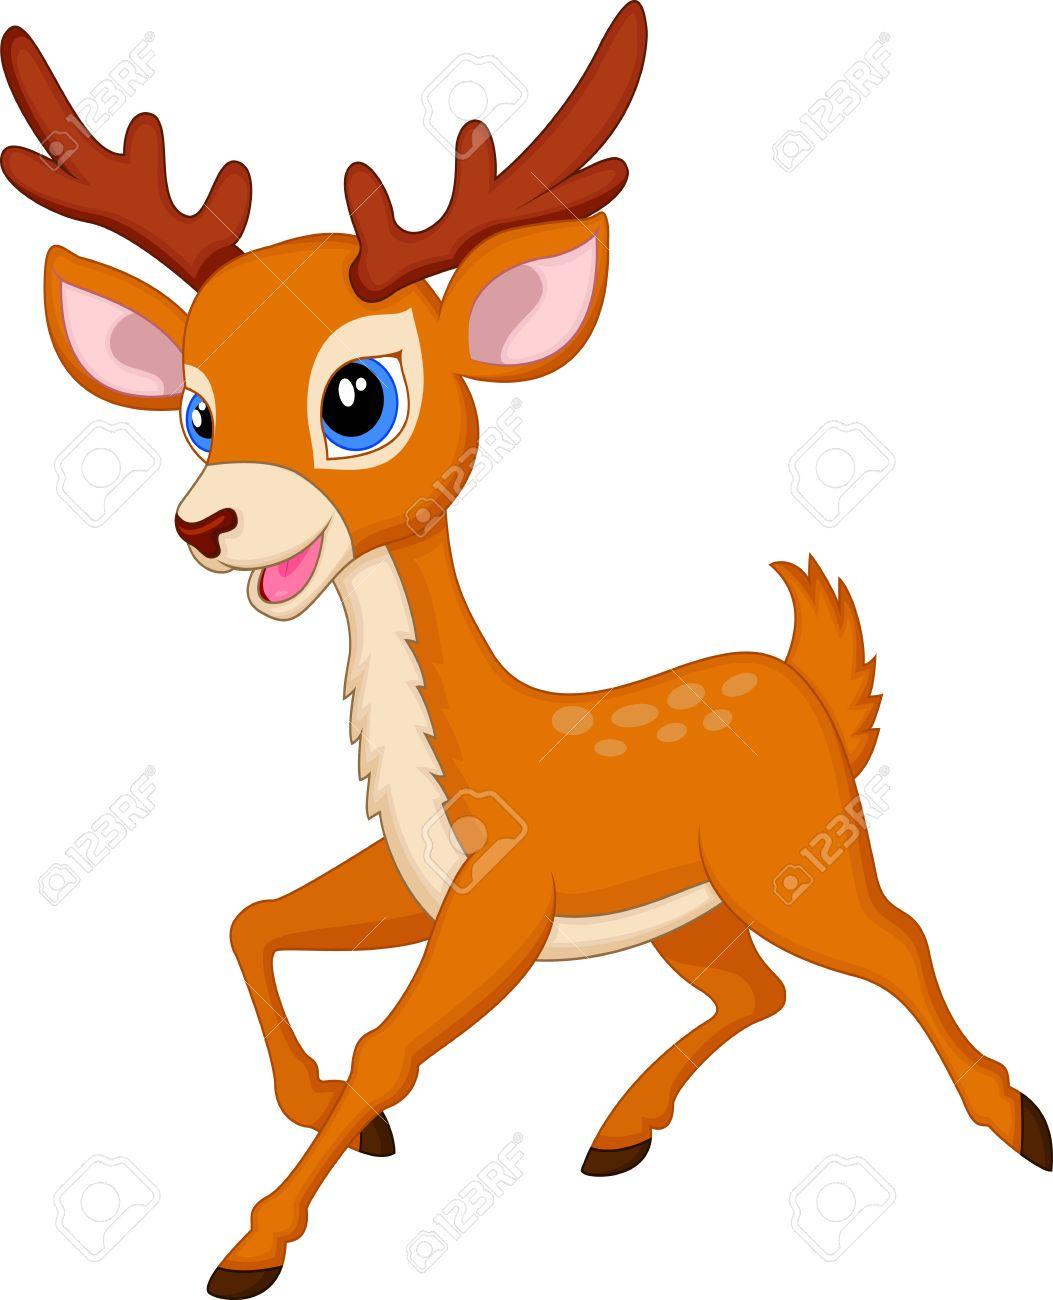 Cute deer cartoon.